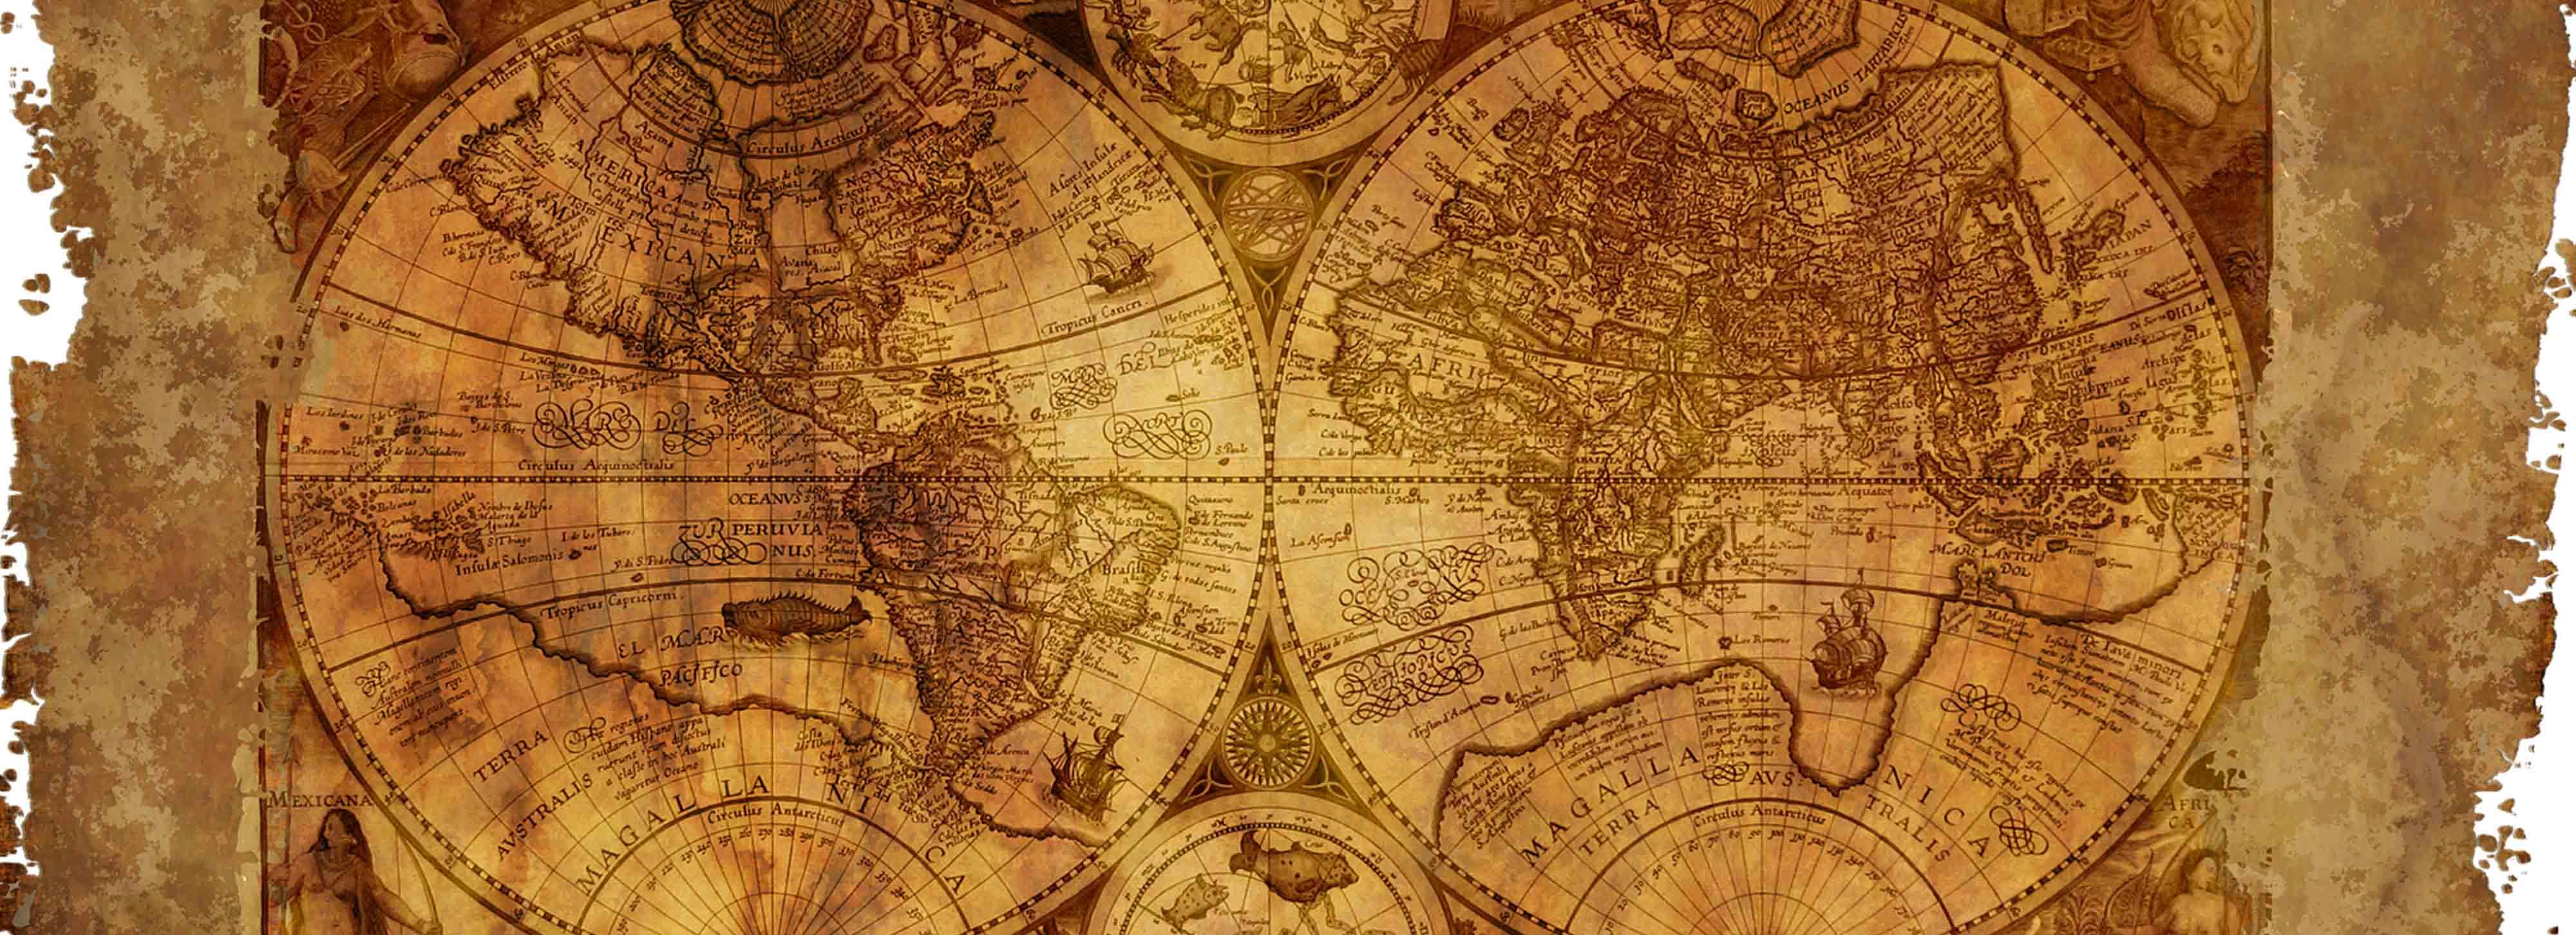 Carta-nautica-antigua